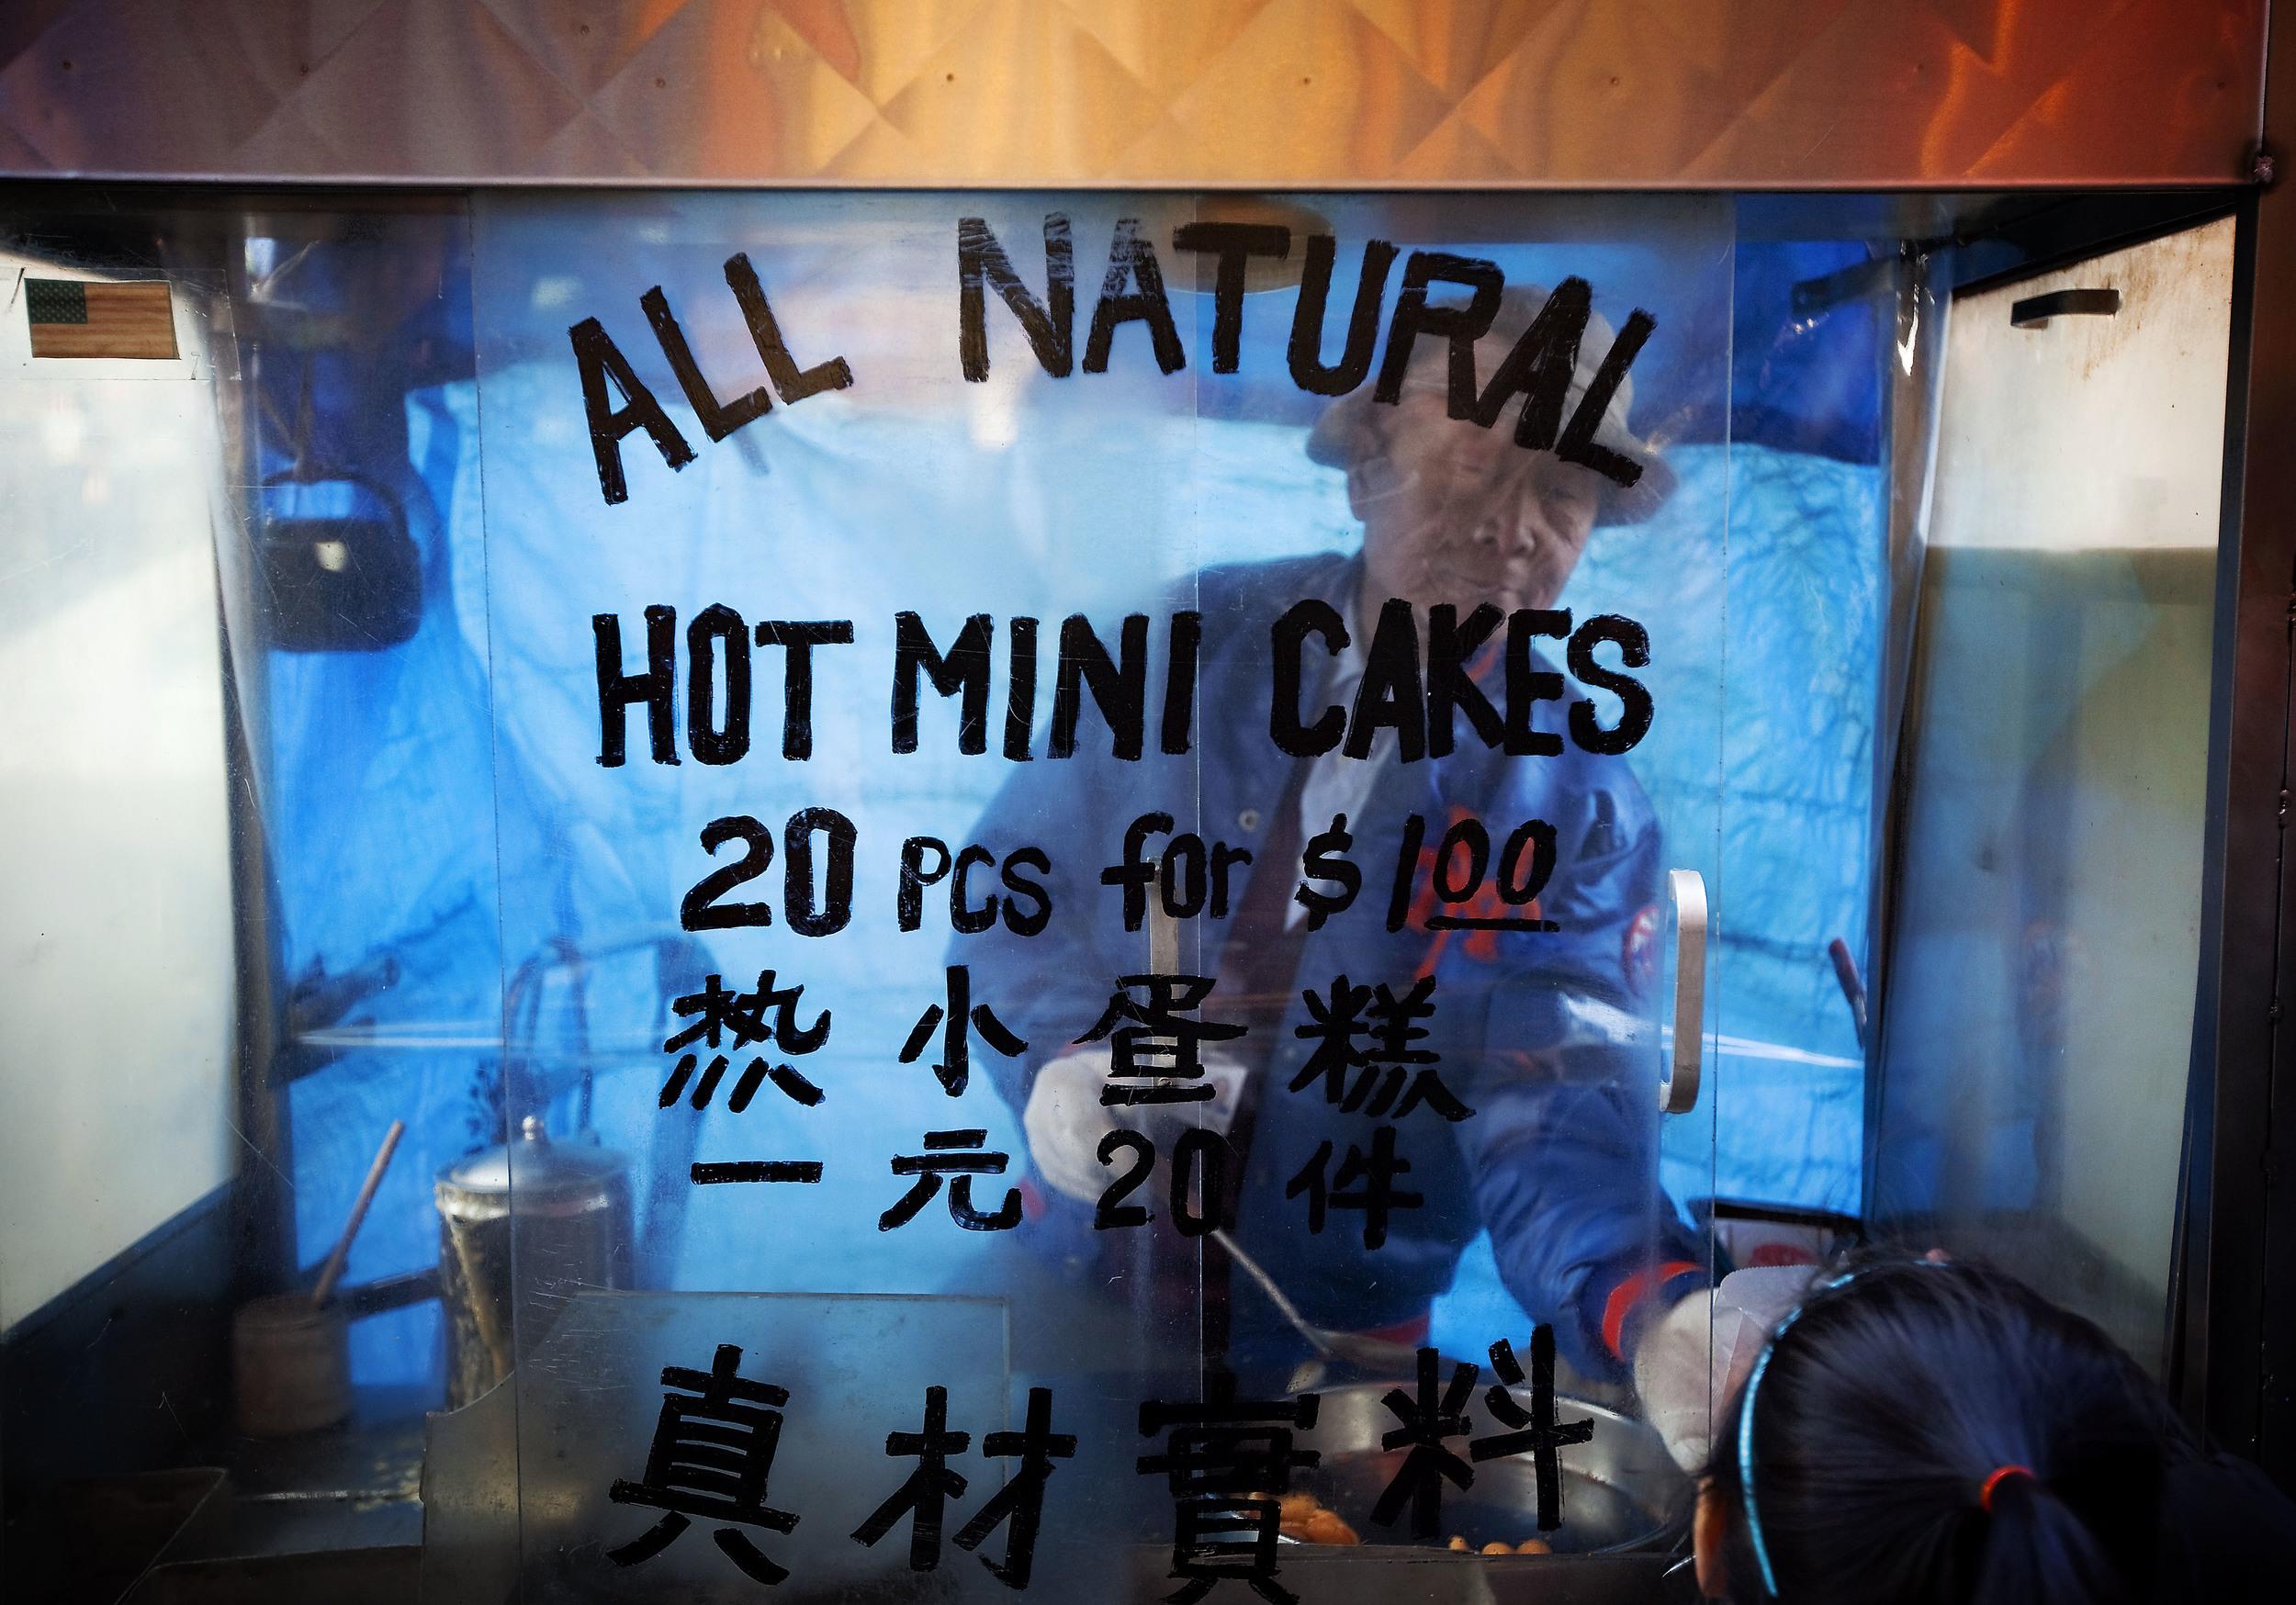 chinese_mini_cakesIMG_4539_02_11_09resized.jpg